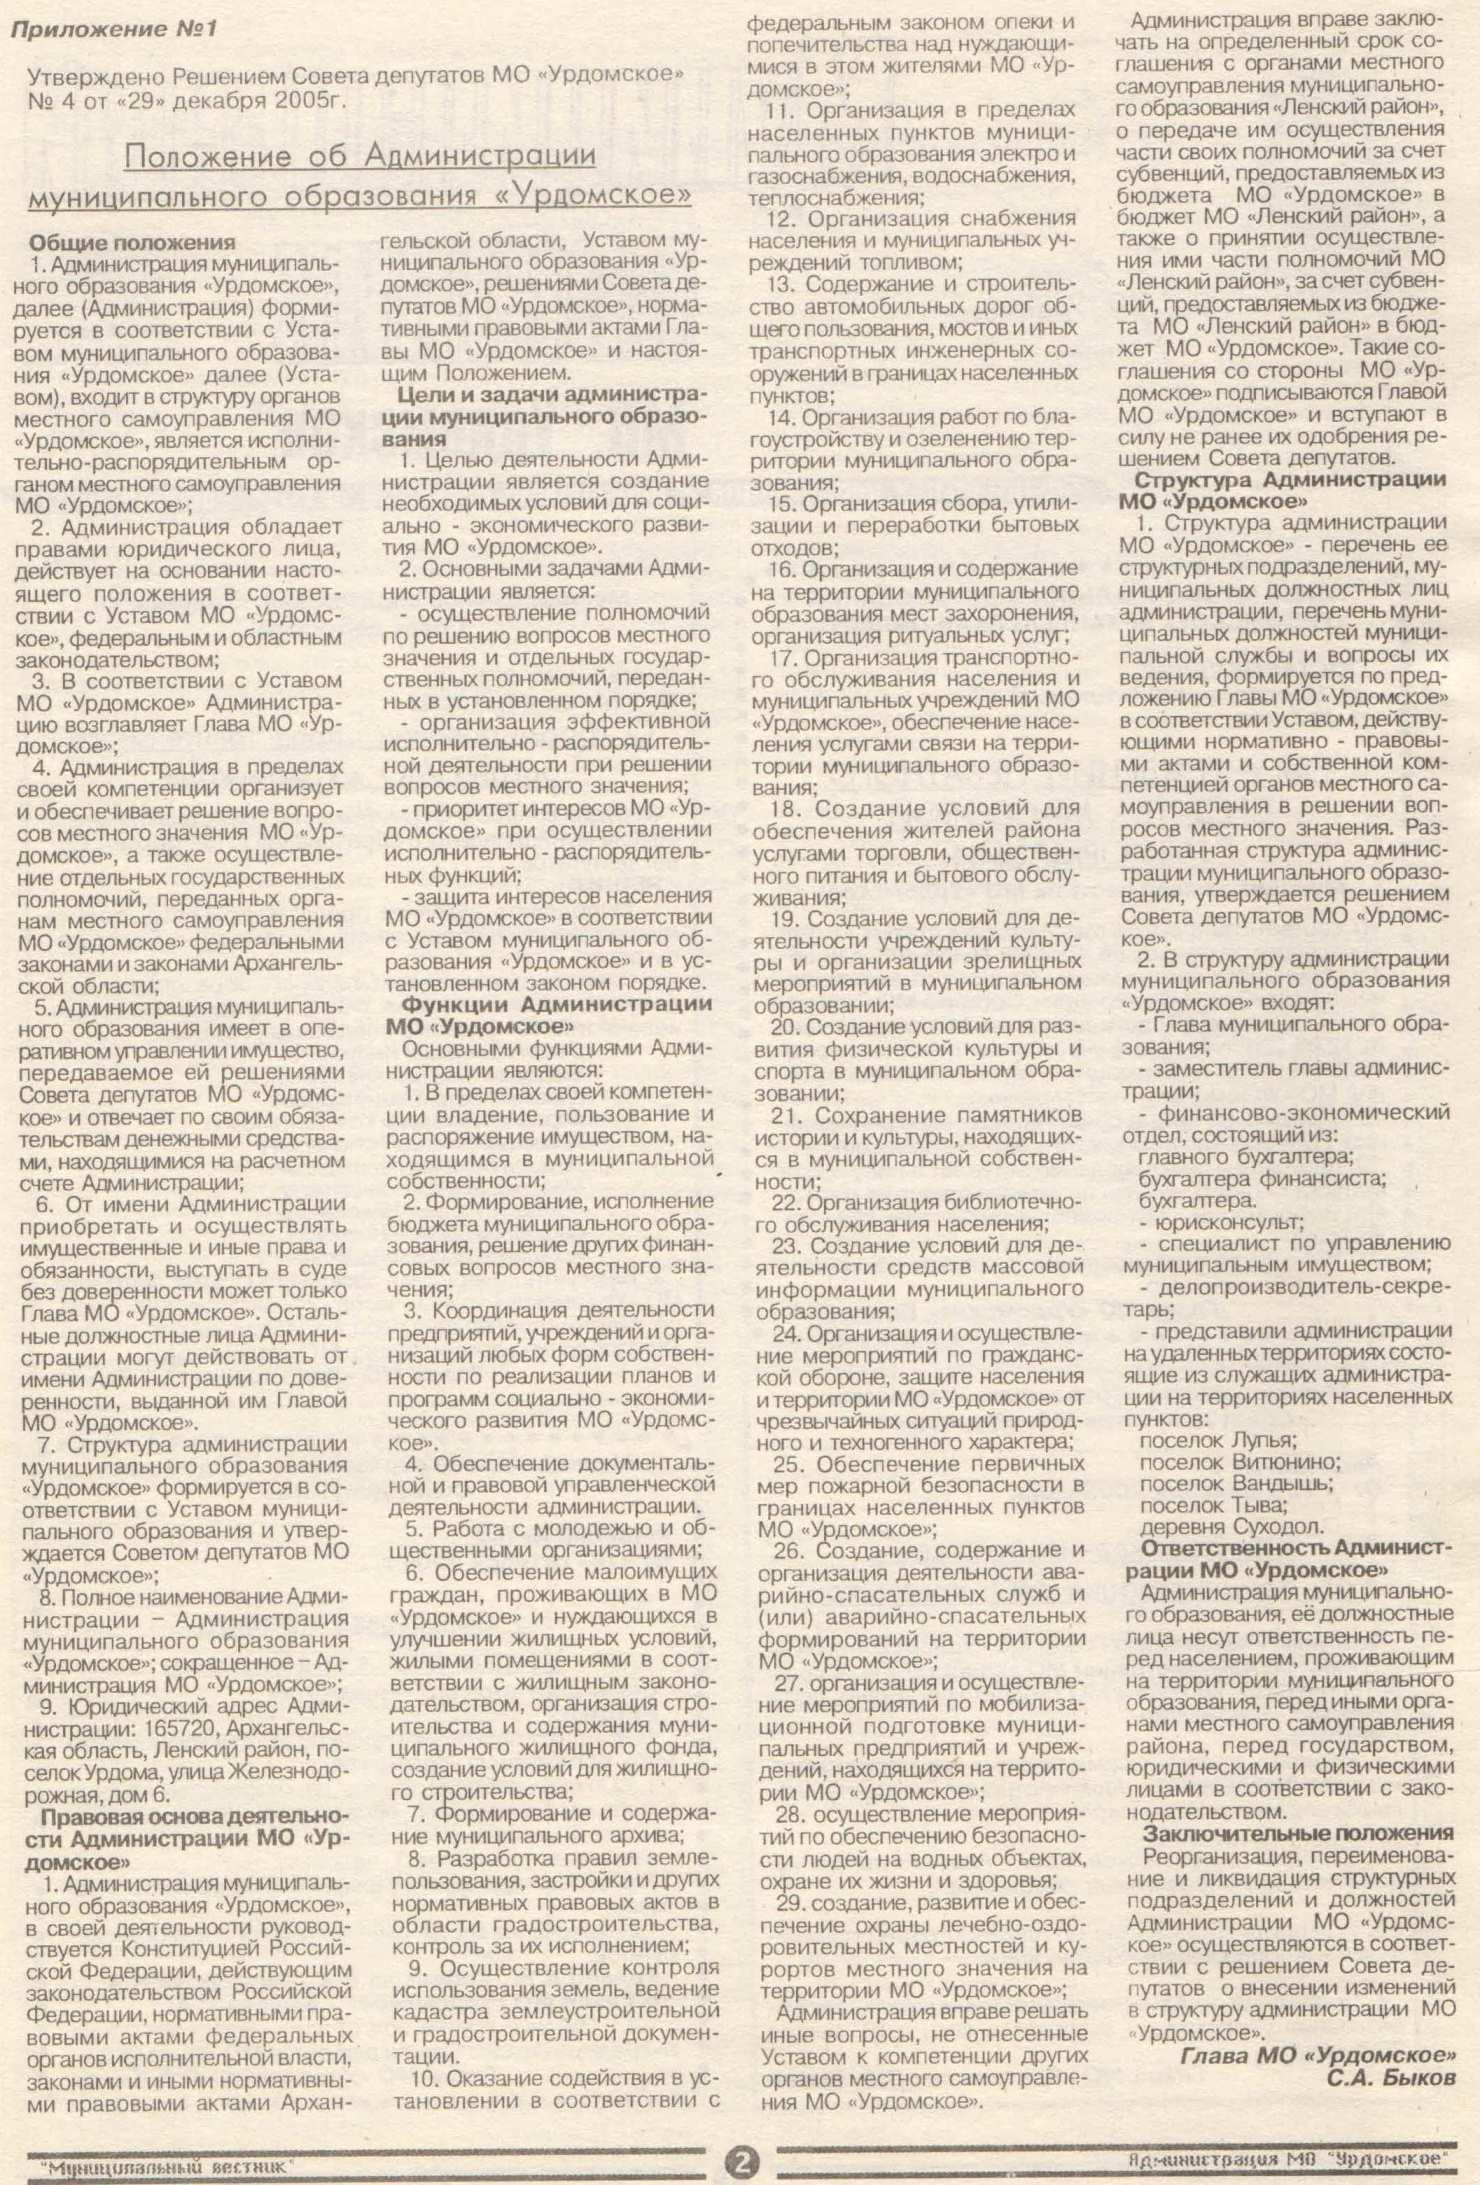 Муниципальный вестник 1 от 04 мая 2007 (2)